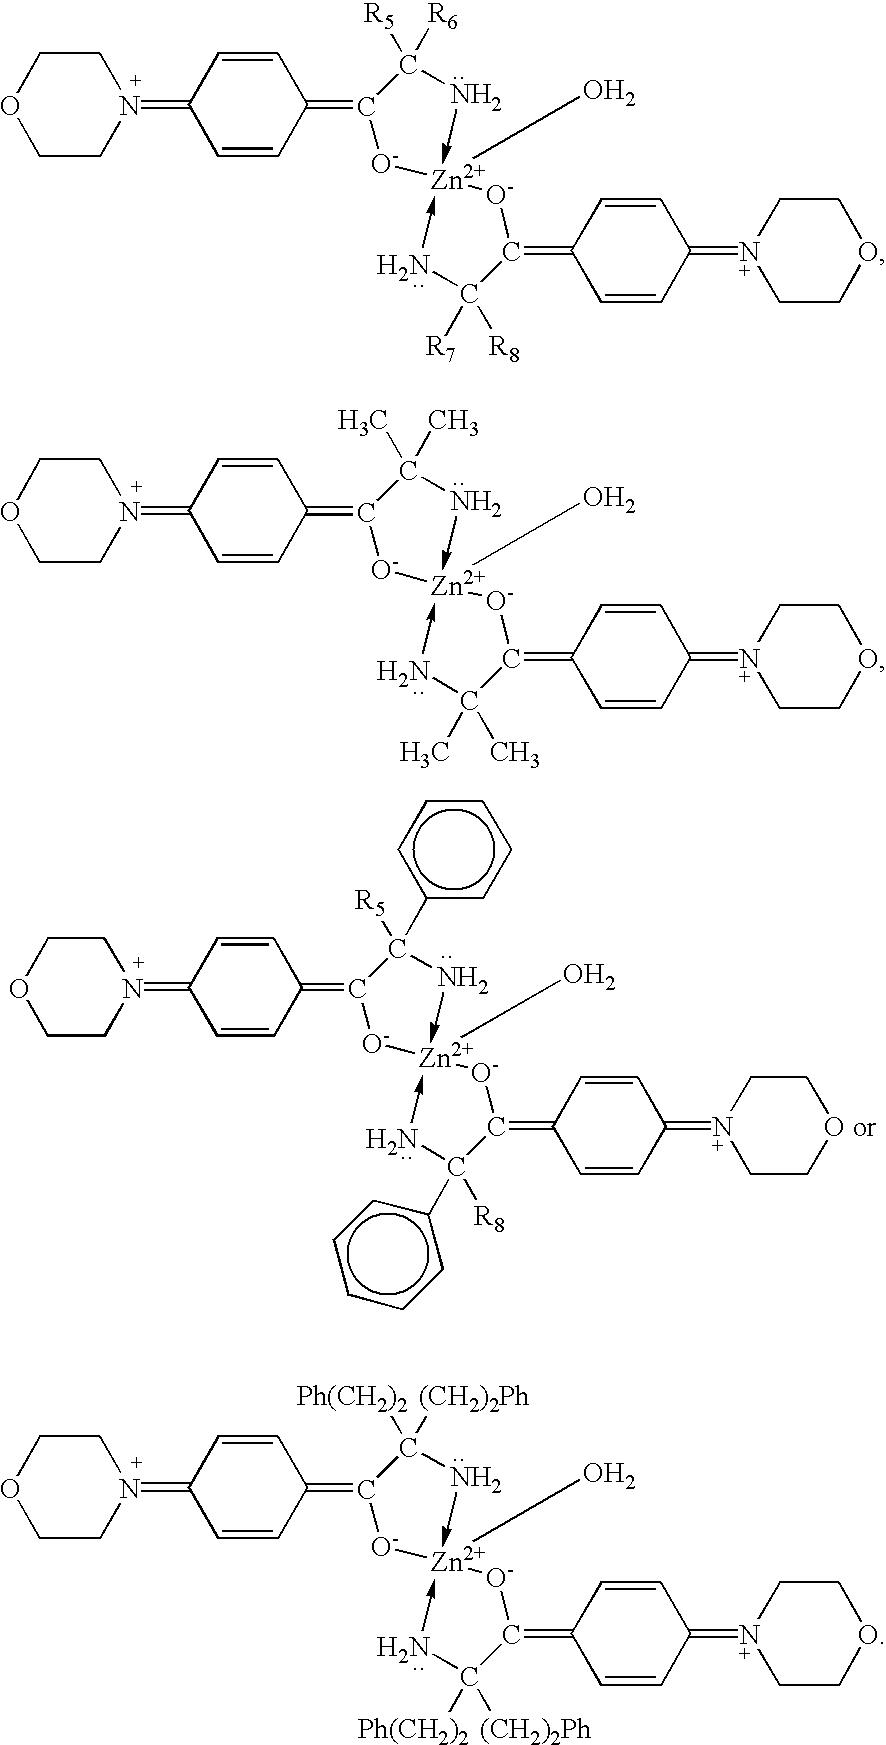 Figure US06486227-20021126-C00025